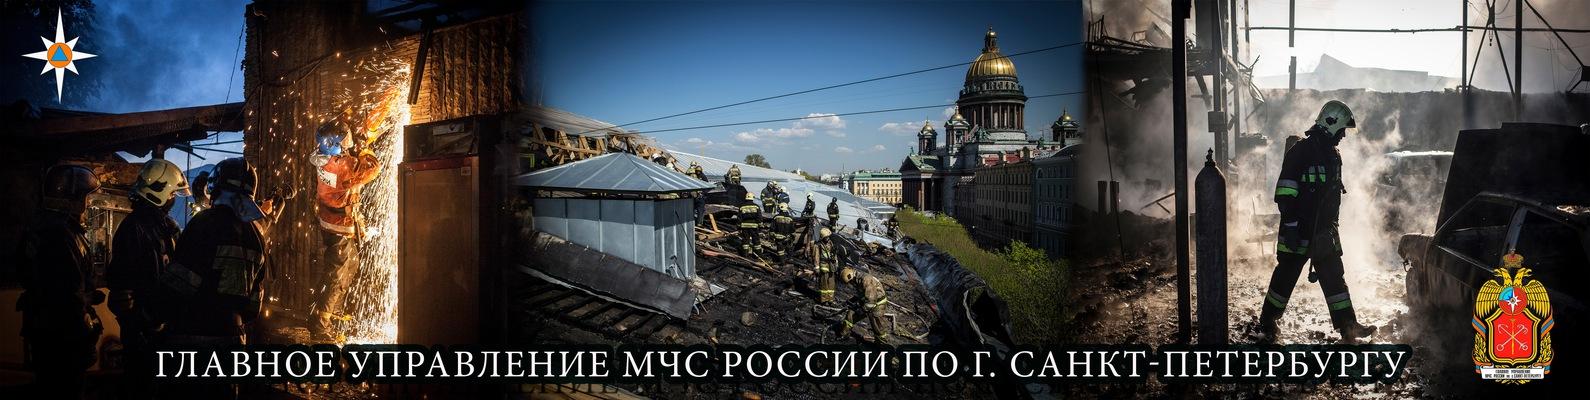 пожарная часть 11 санкт-петербург мчс объявлений продаже